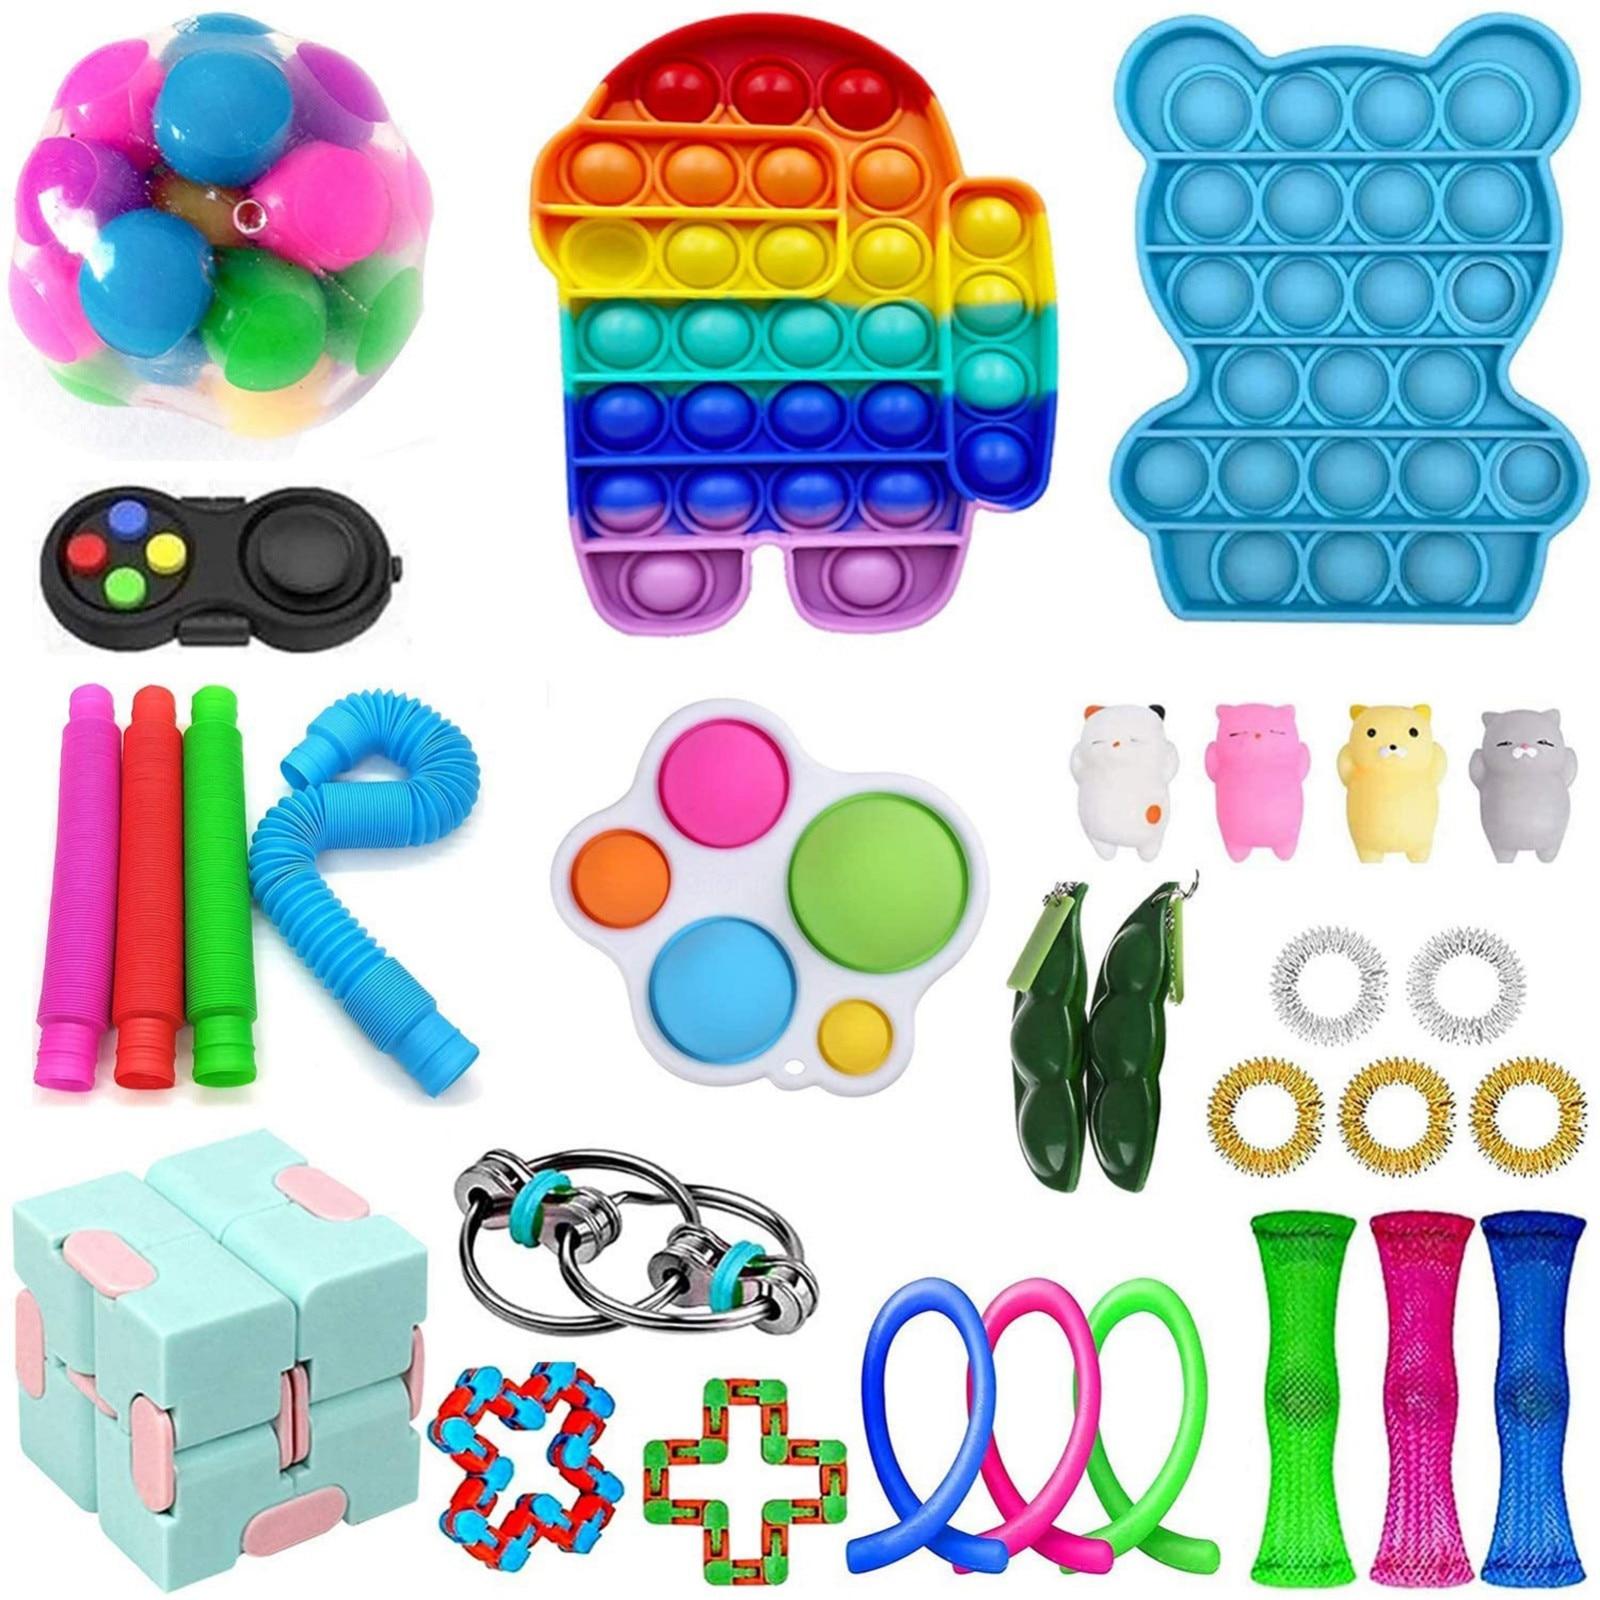 Беспокойная игрушка по дешевым ценам сенсорная Непоседа упаковка игрушек для детей стресс сенсорная игрушка набор, сенсорные игрушки с пуш...